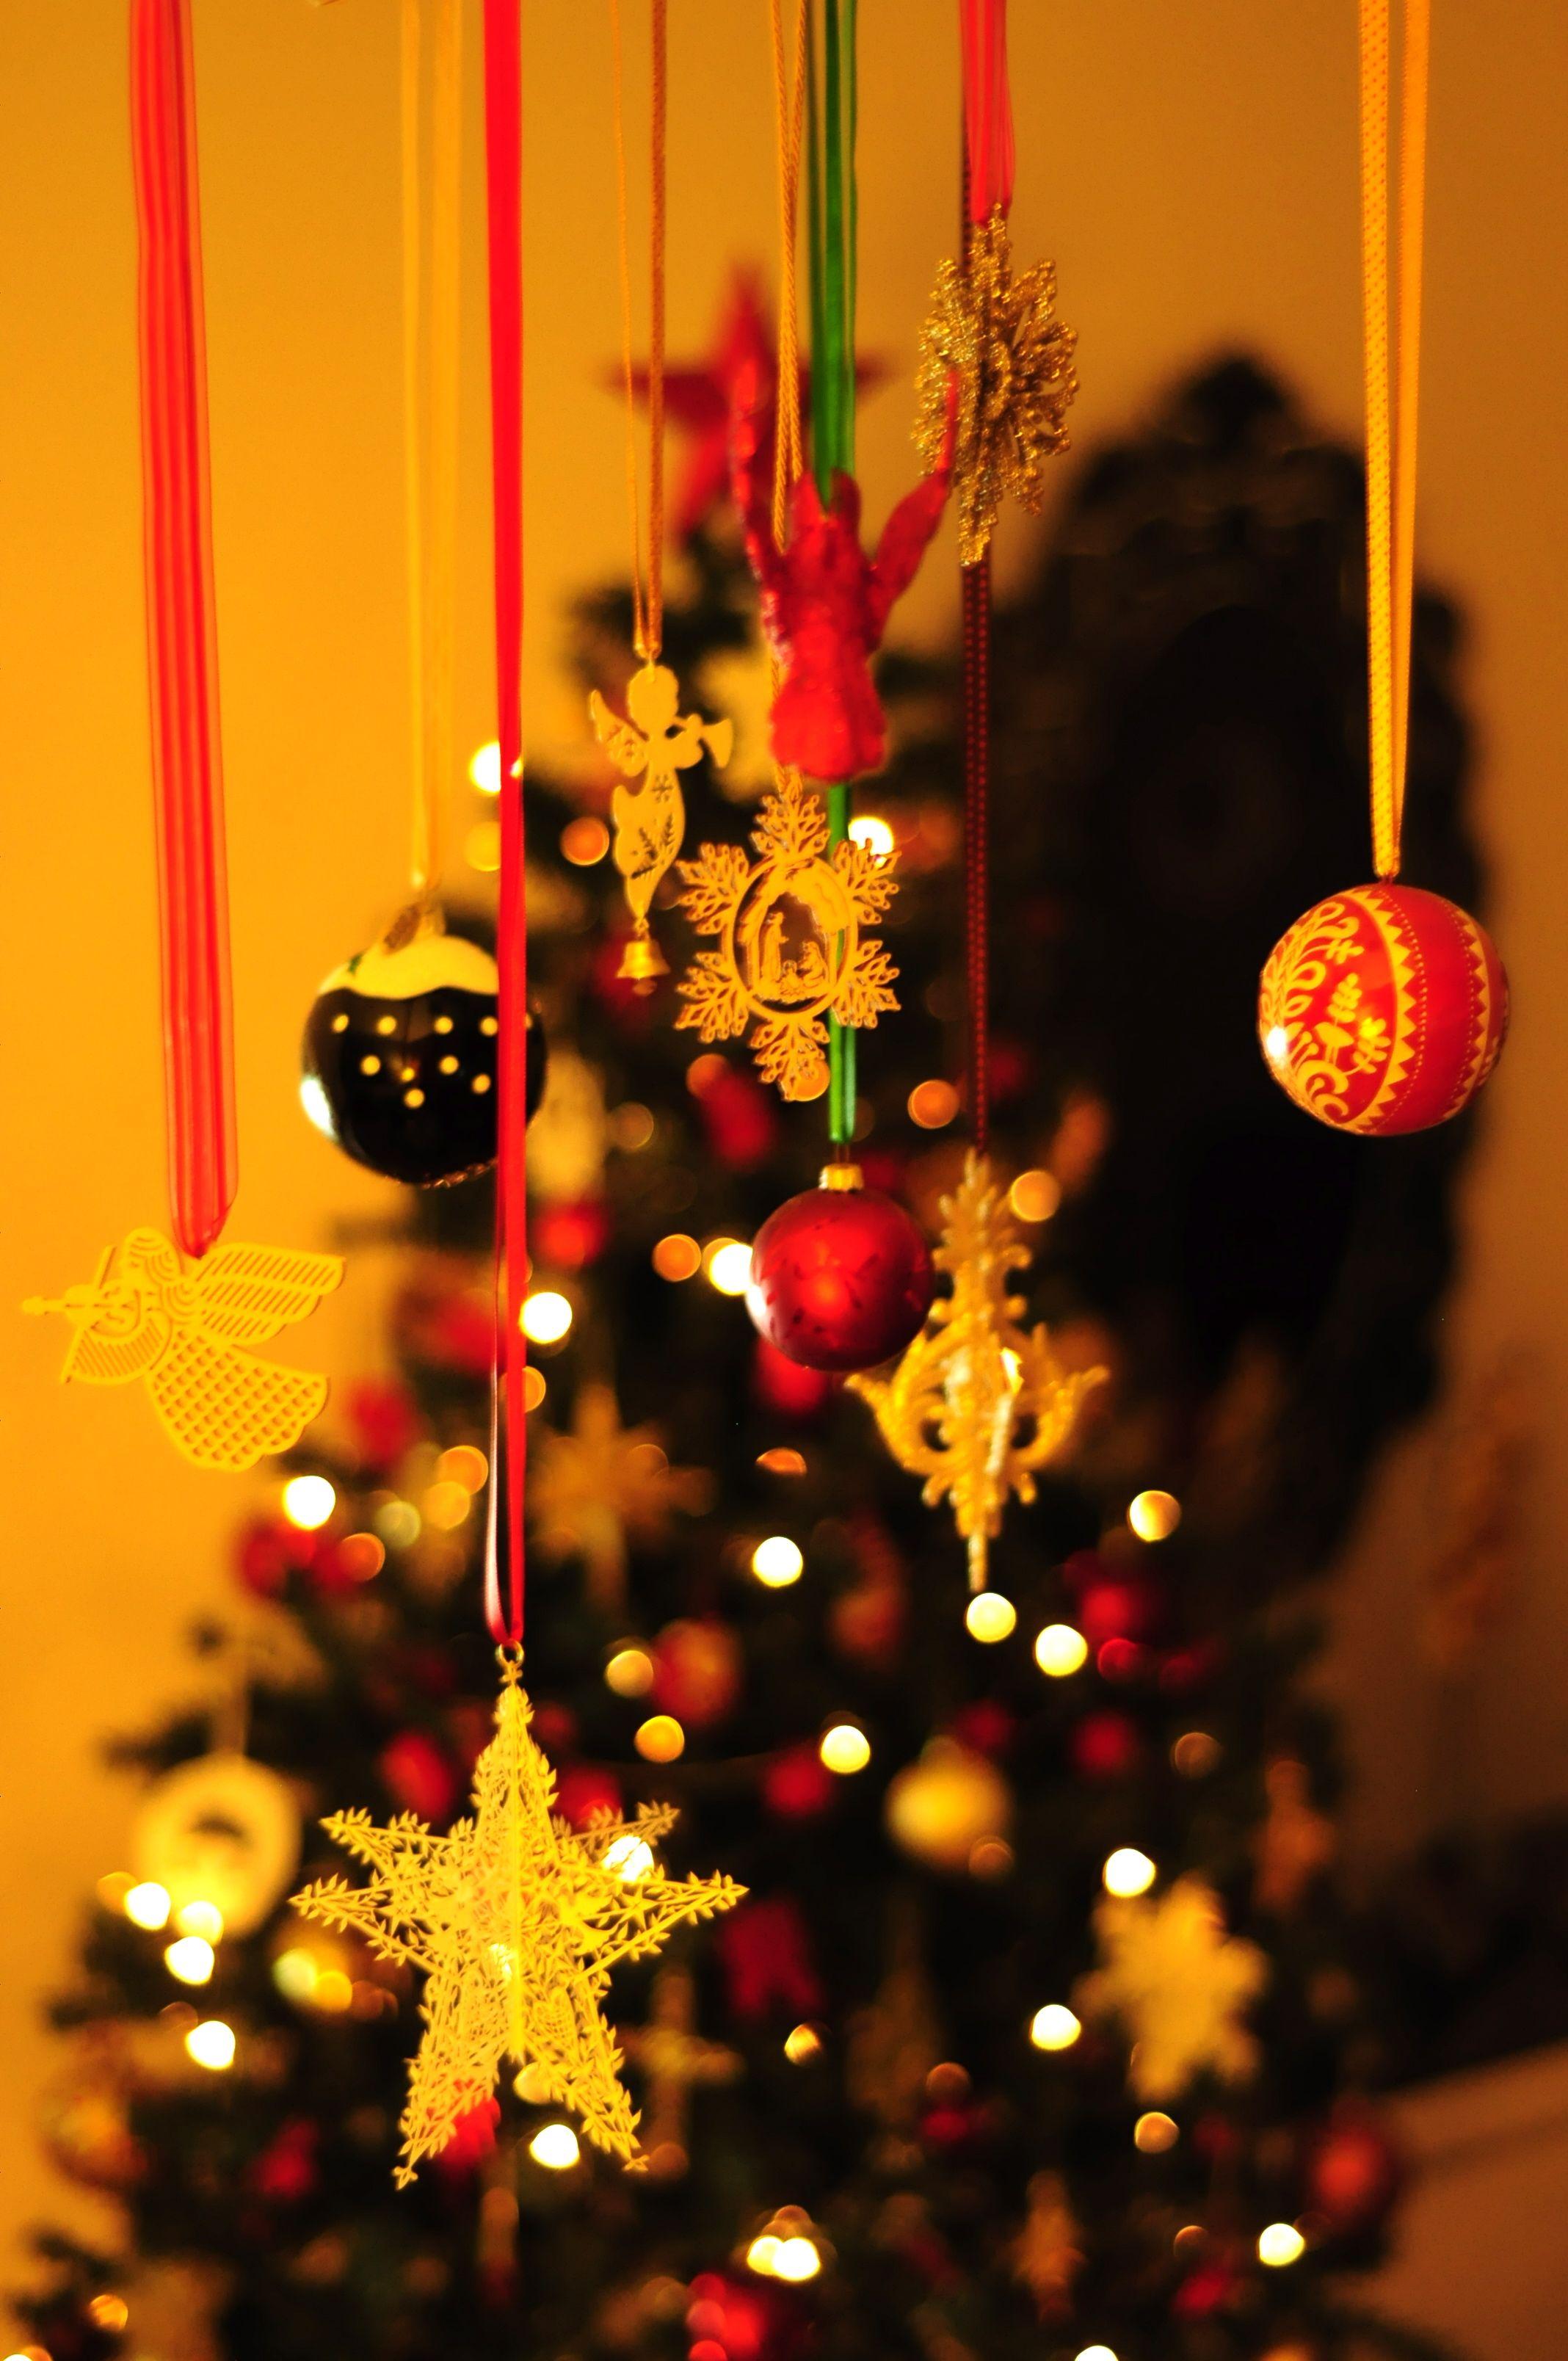 enfeites pendurados com fitas no lustre incrementam a decorao natalina